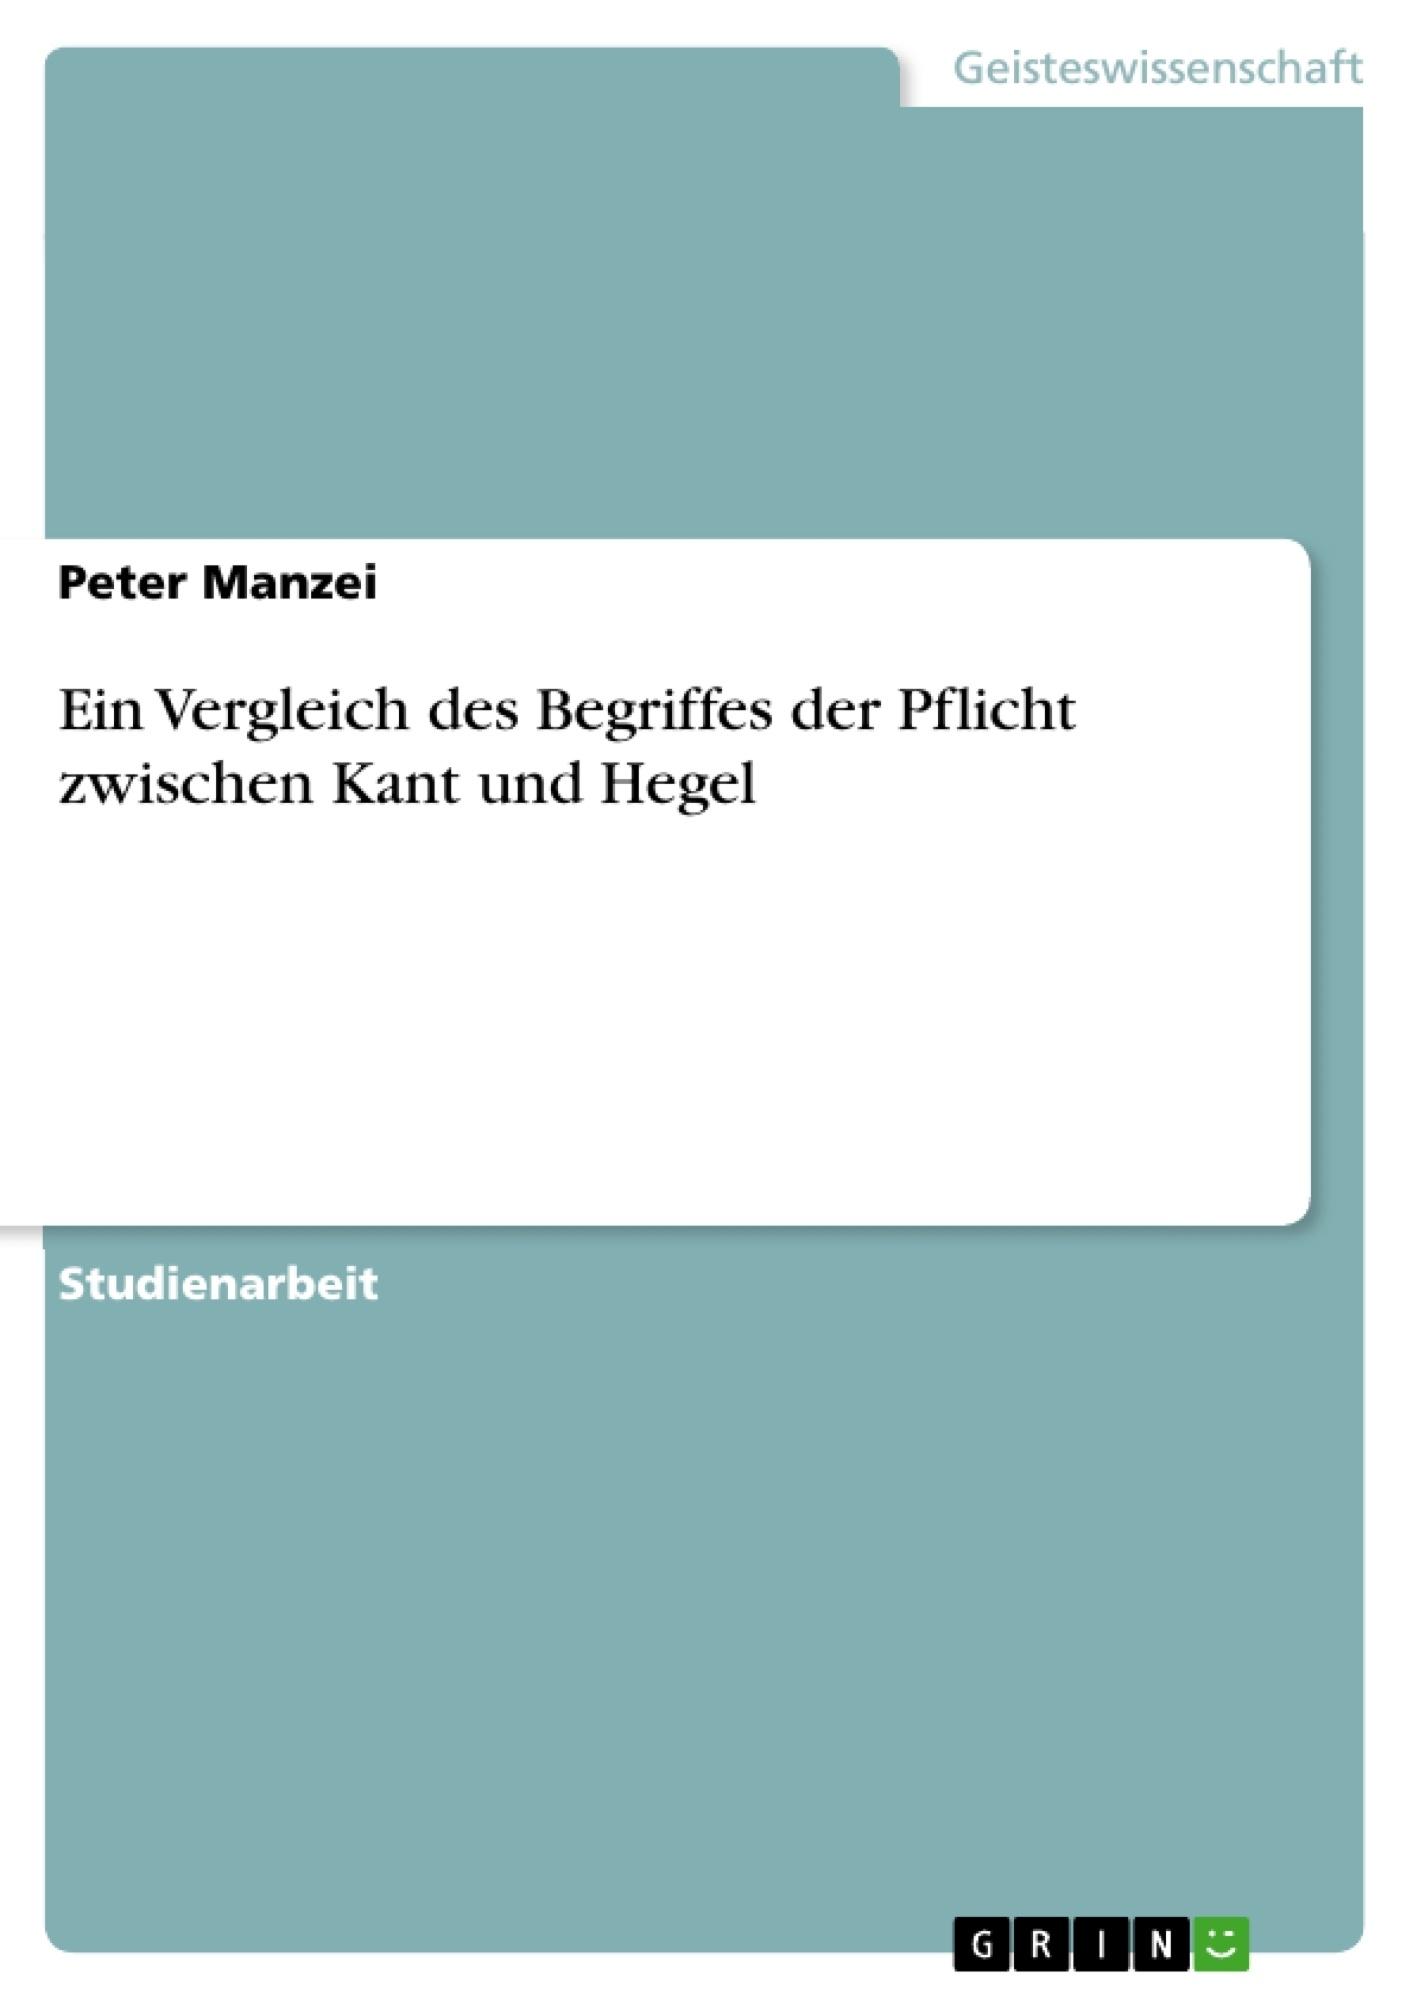 Titel: Ein Vergleich des Begriffes der Pflicht zwischen Kant und Hegel